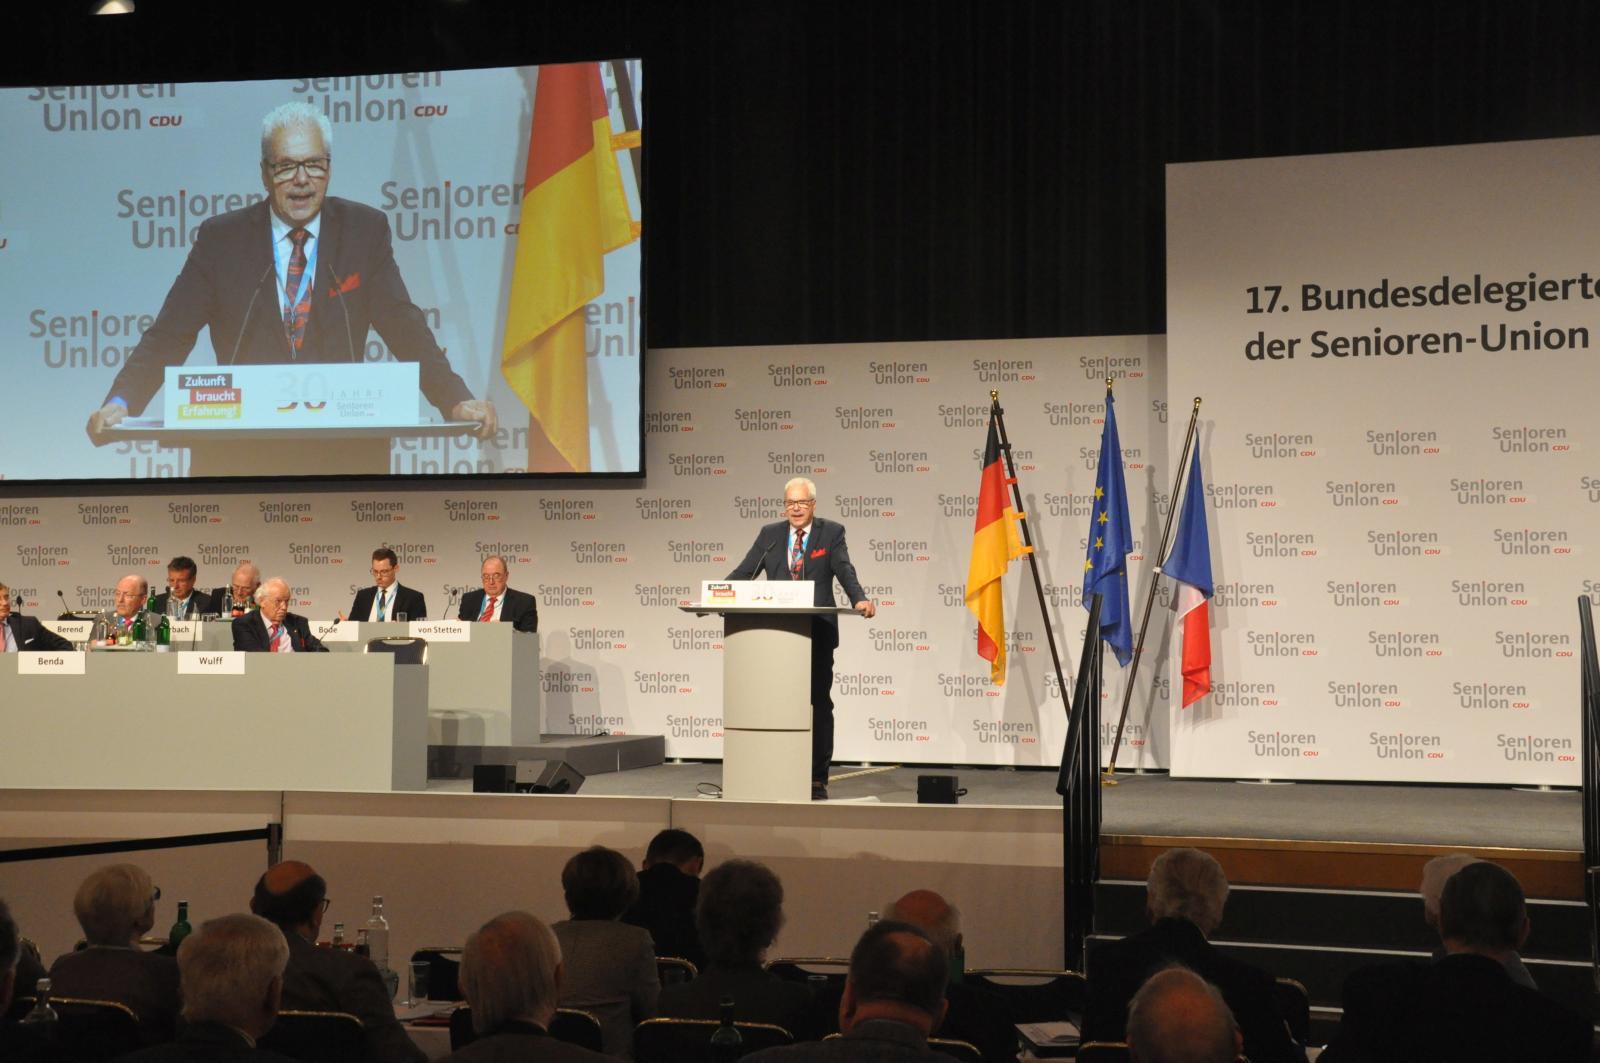 SU-Bundesdelegiertenversammlung-2018_019.jpg